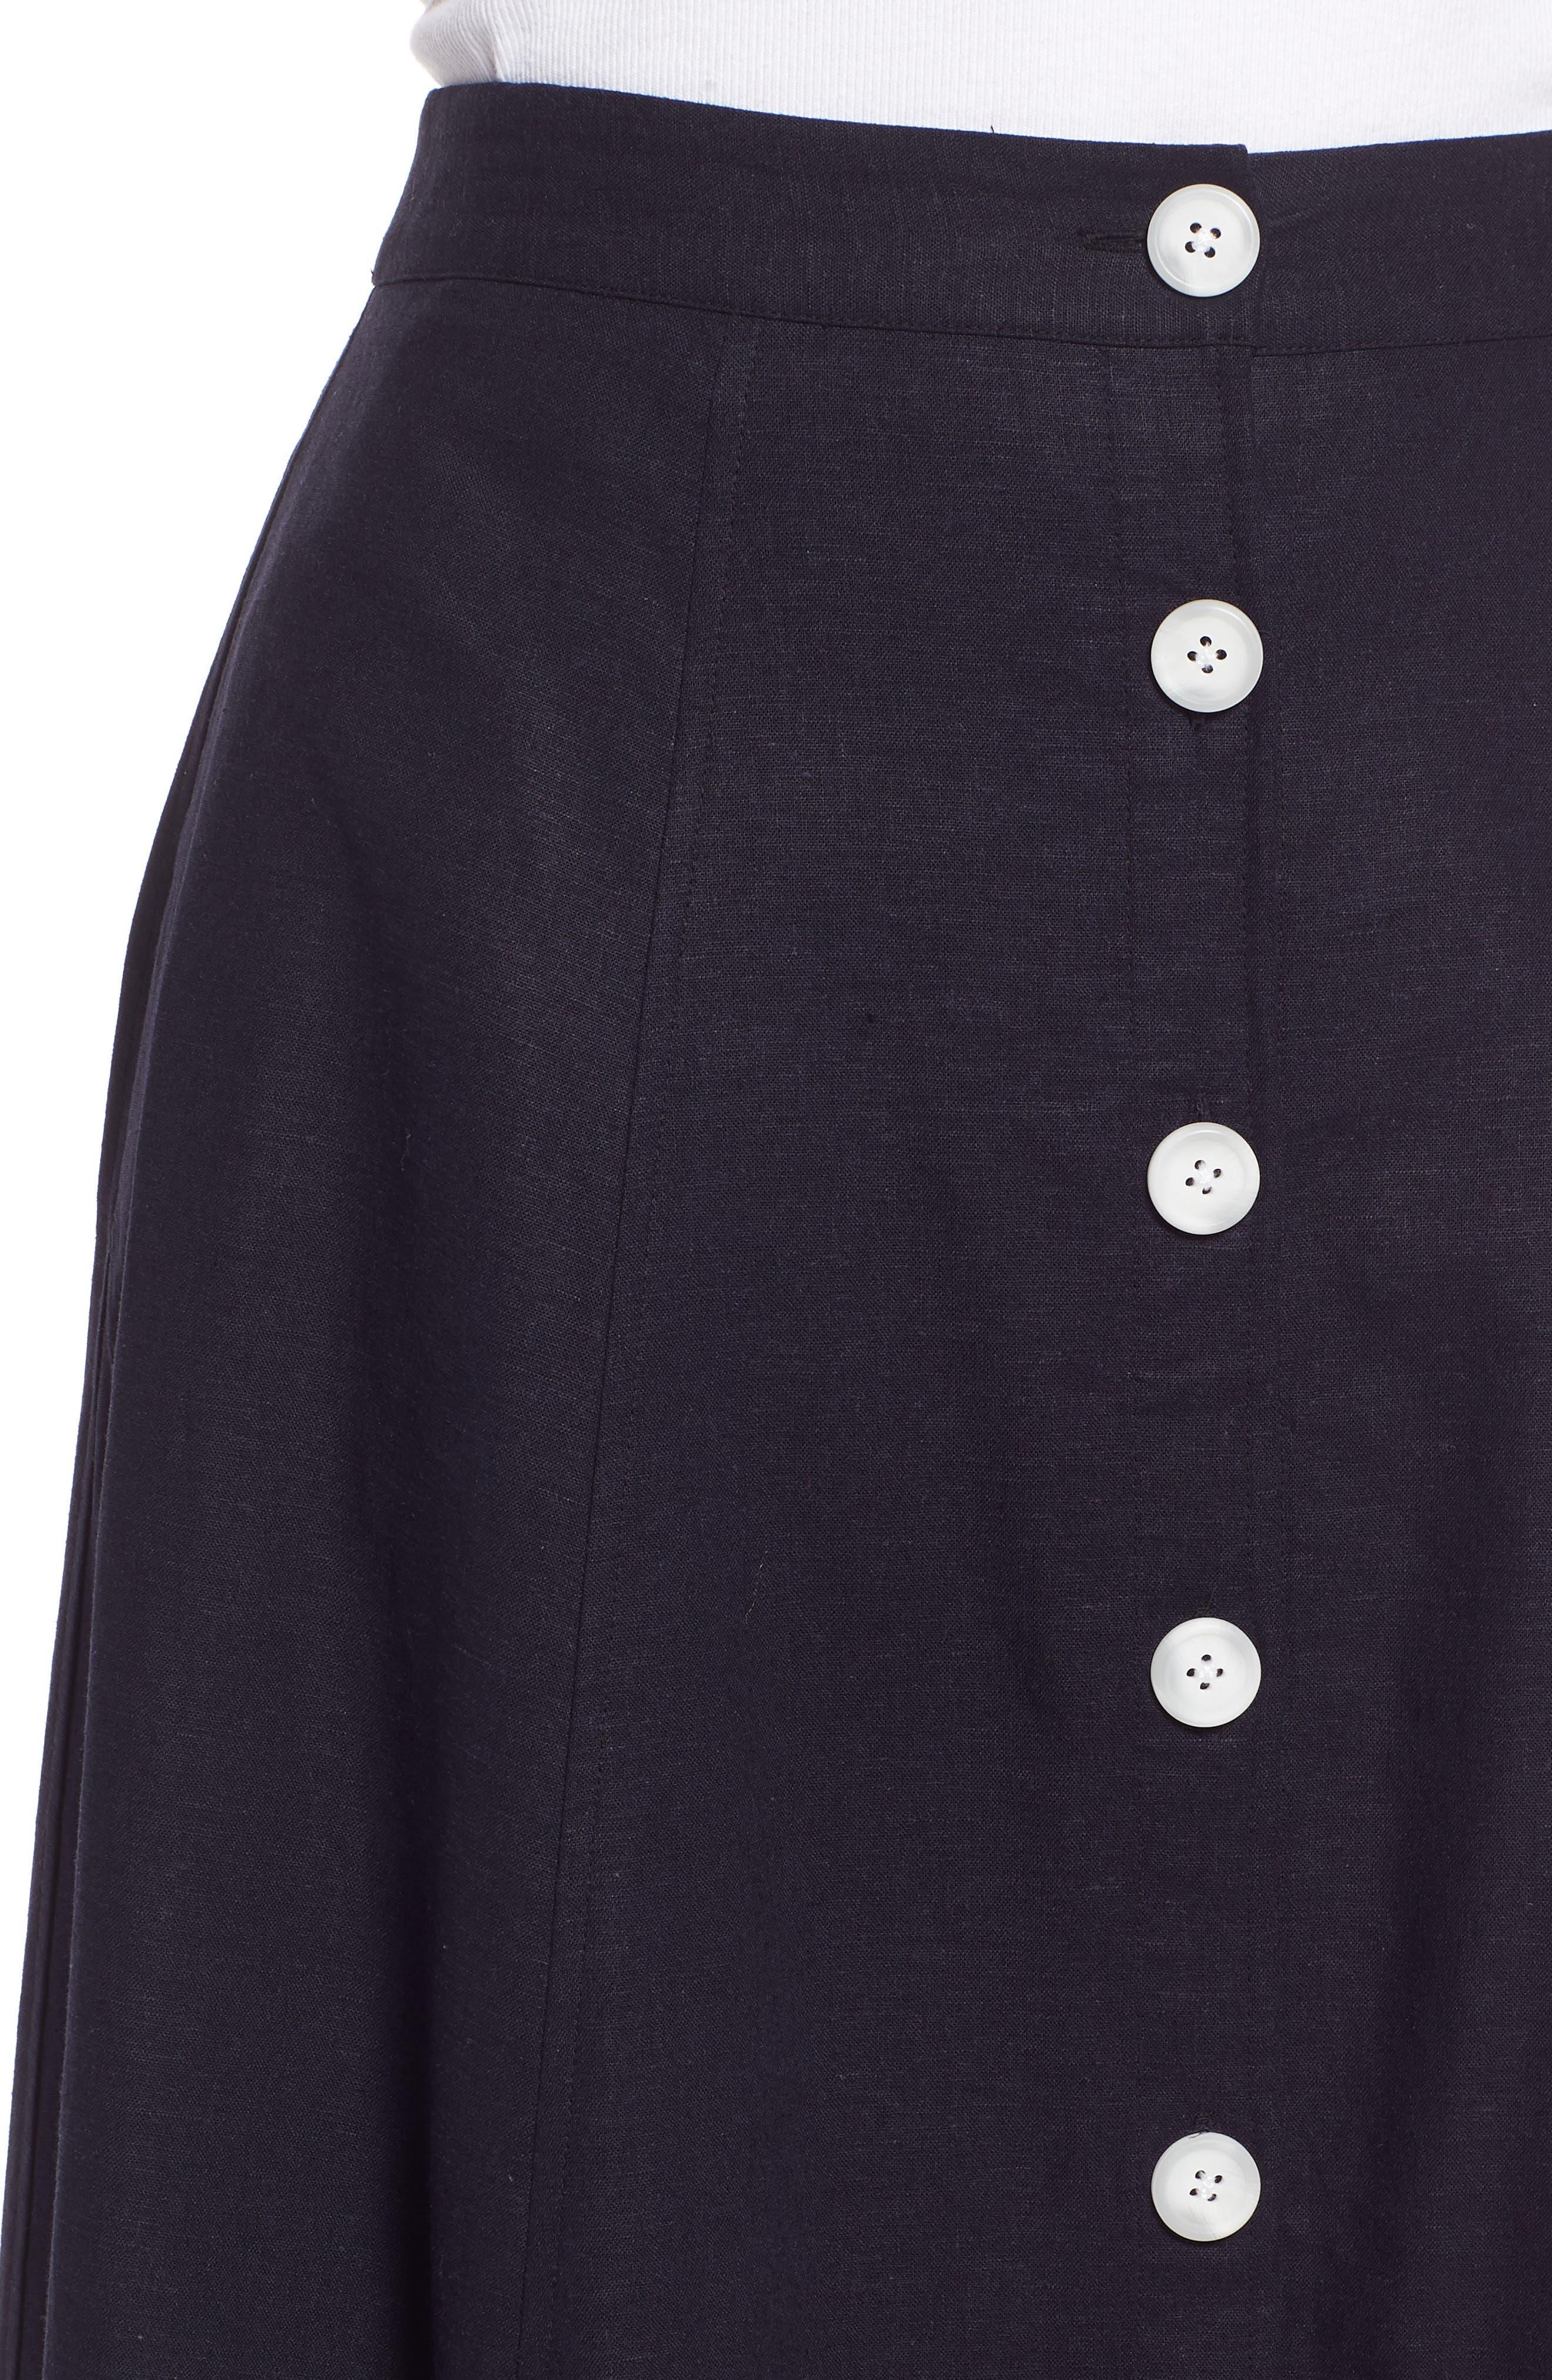 Colorblock Linen Blend Skirt,                             Alternate thumbnail 4, color,